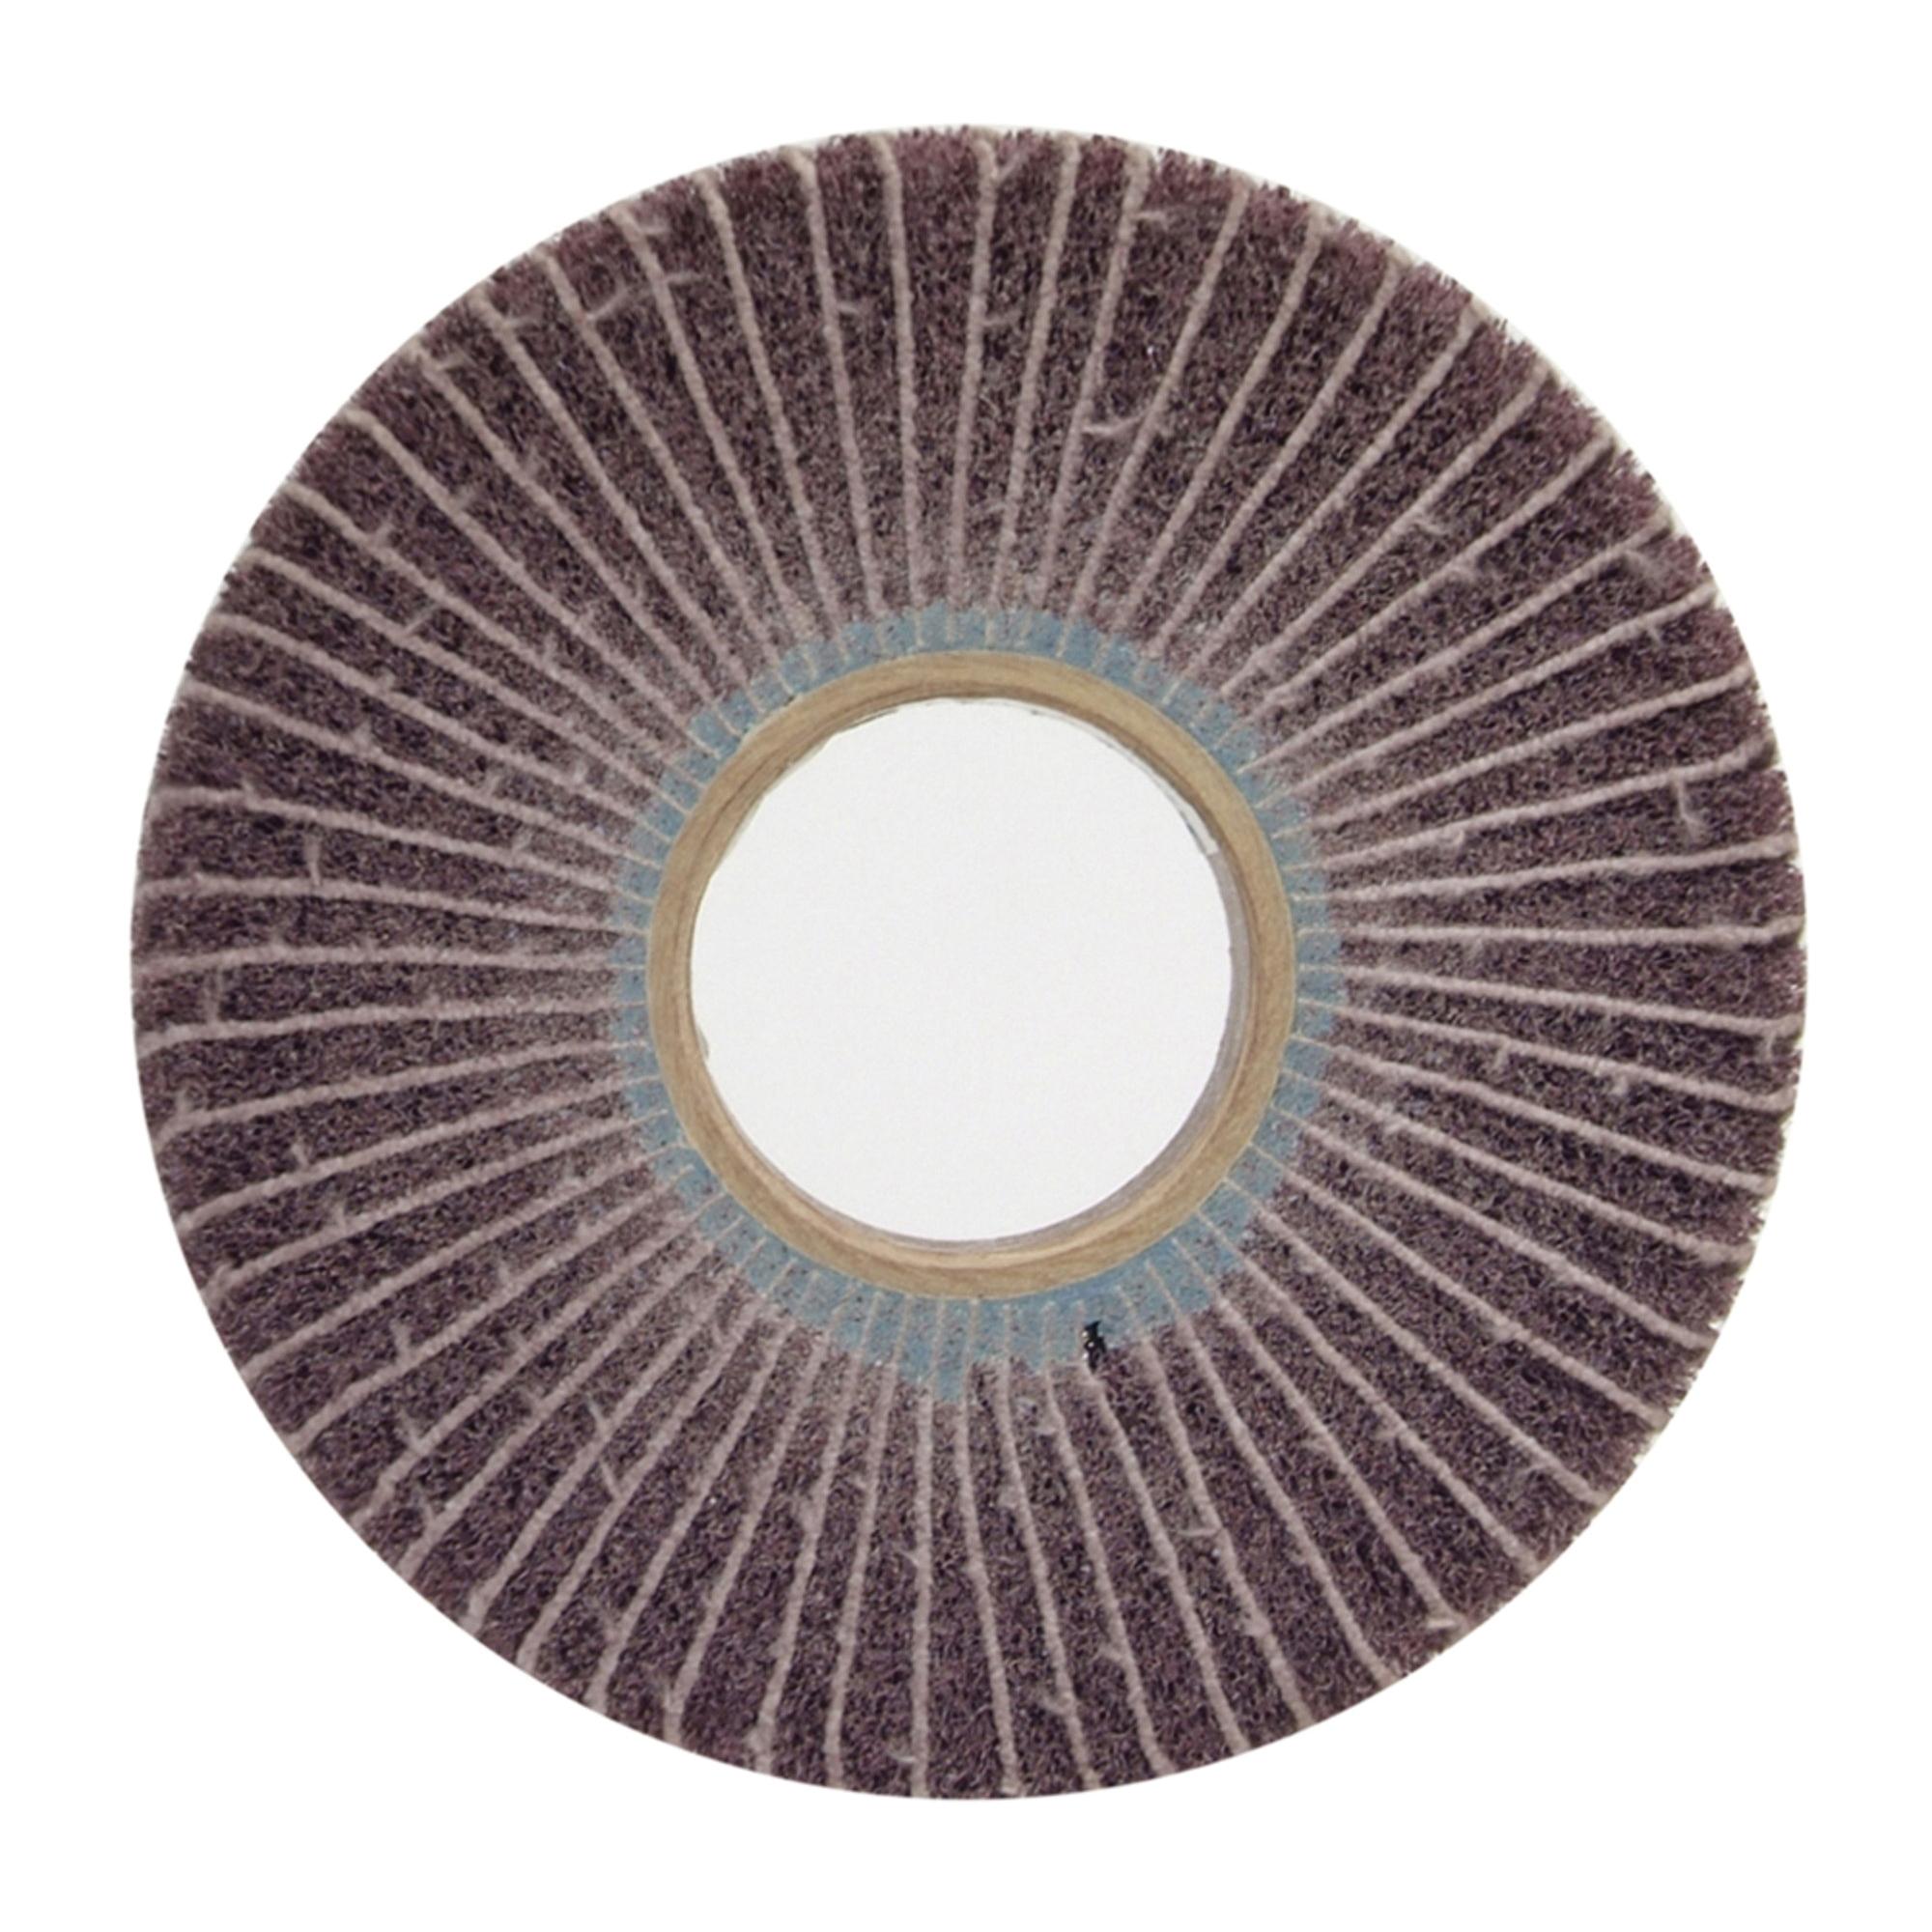 Norton® Bear-Tex® 66261007678 Unmounted Non-Woven Flap Wheel, 6 in Dia, 1 in W Face, 120 Grit, Medium Grade, Aluminum Oxide Abrasive